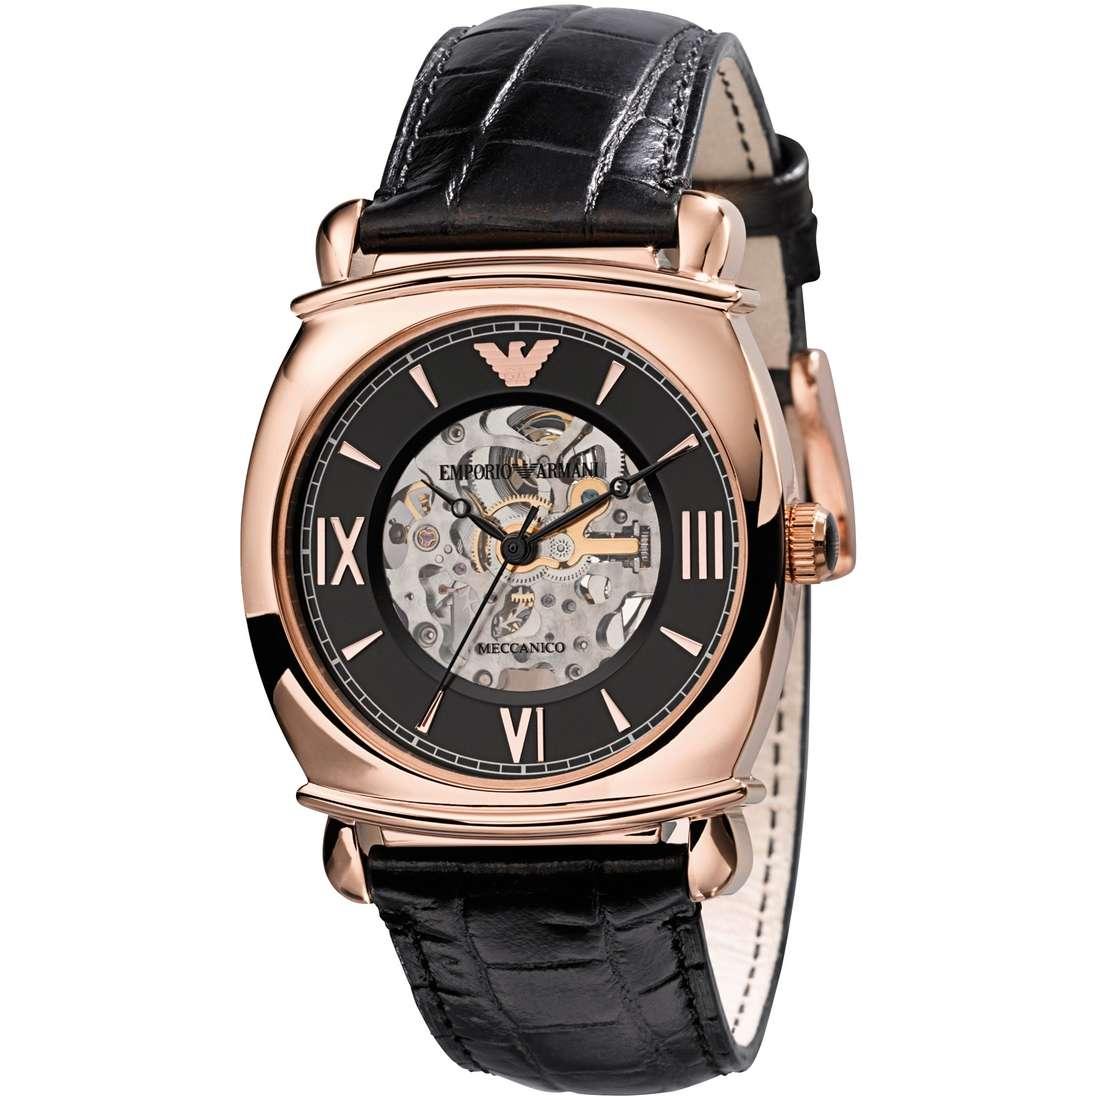 orologio meccanico uomo Emporio Armani AR4649